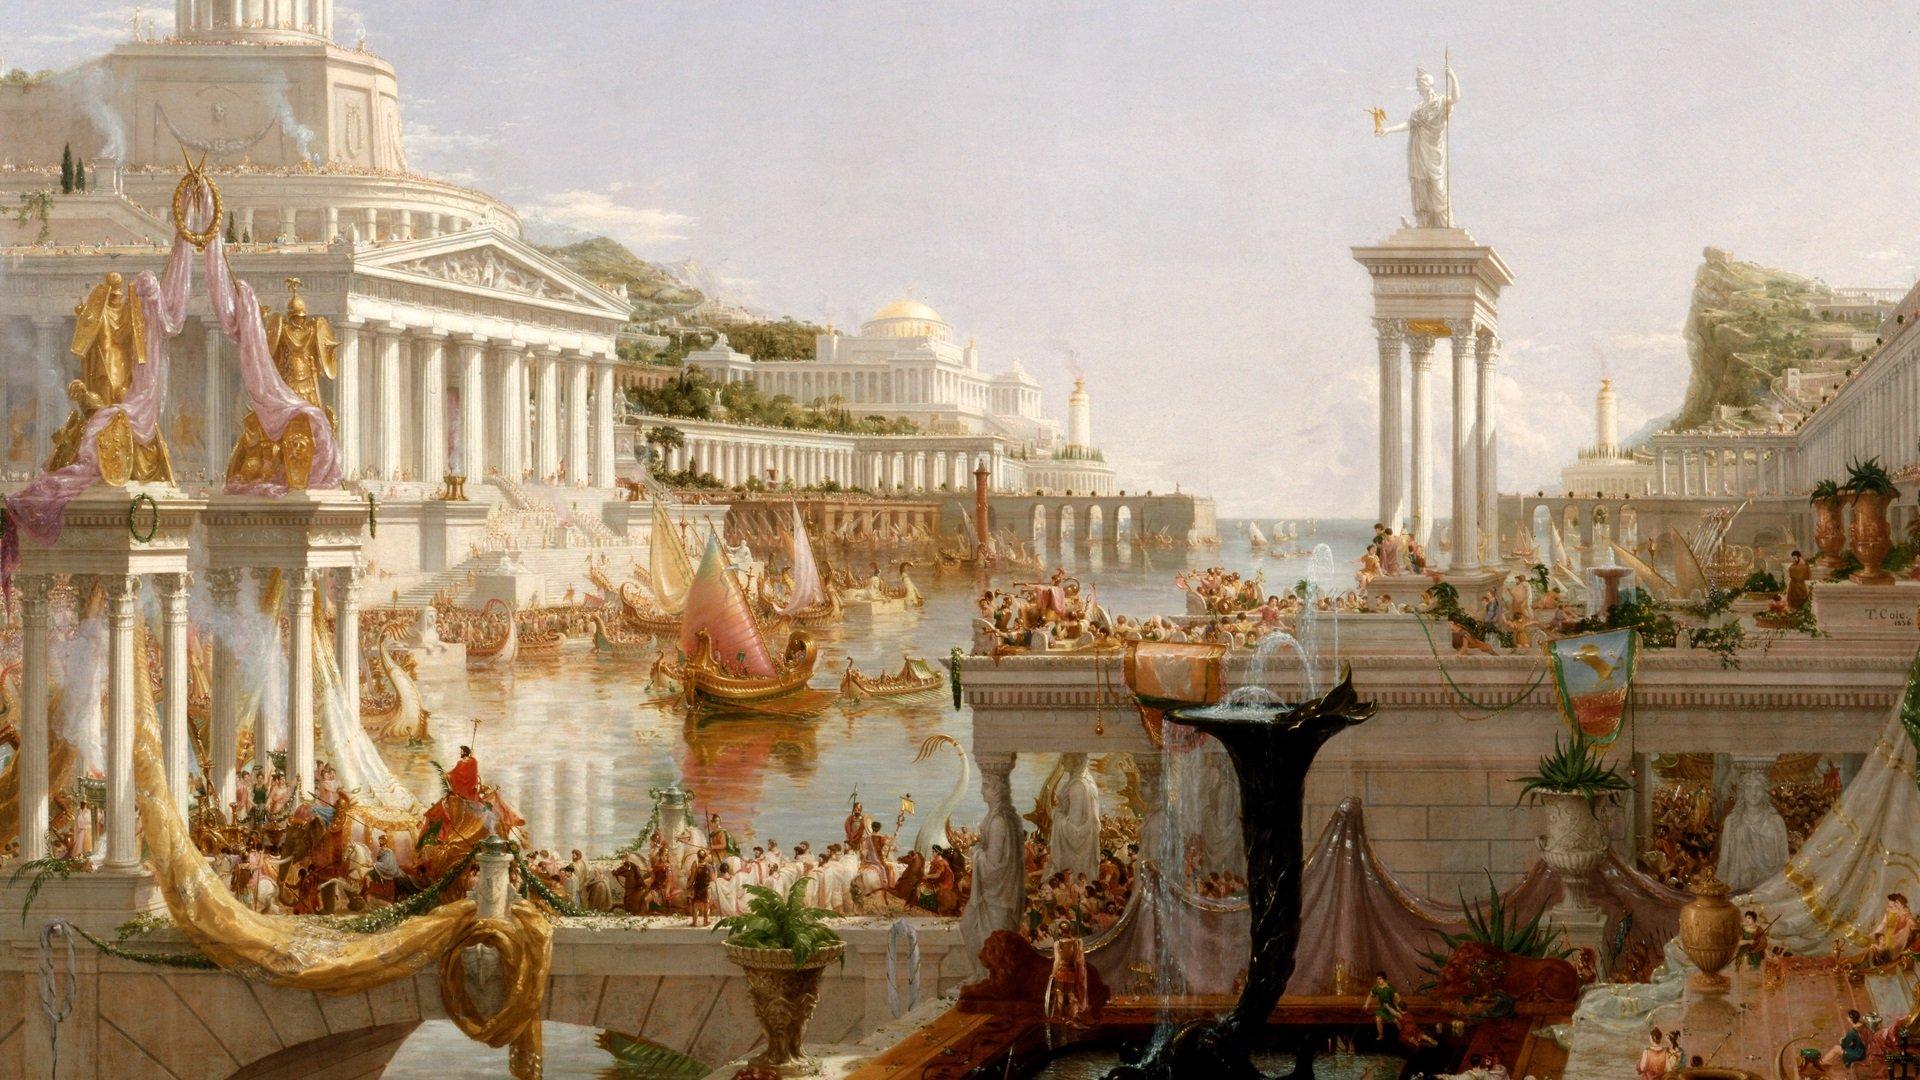 И еще дополнение: Быстрая еда, быстрый секс — каким был фастфуд в Древнем Риме